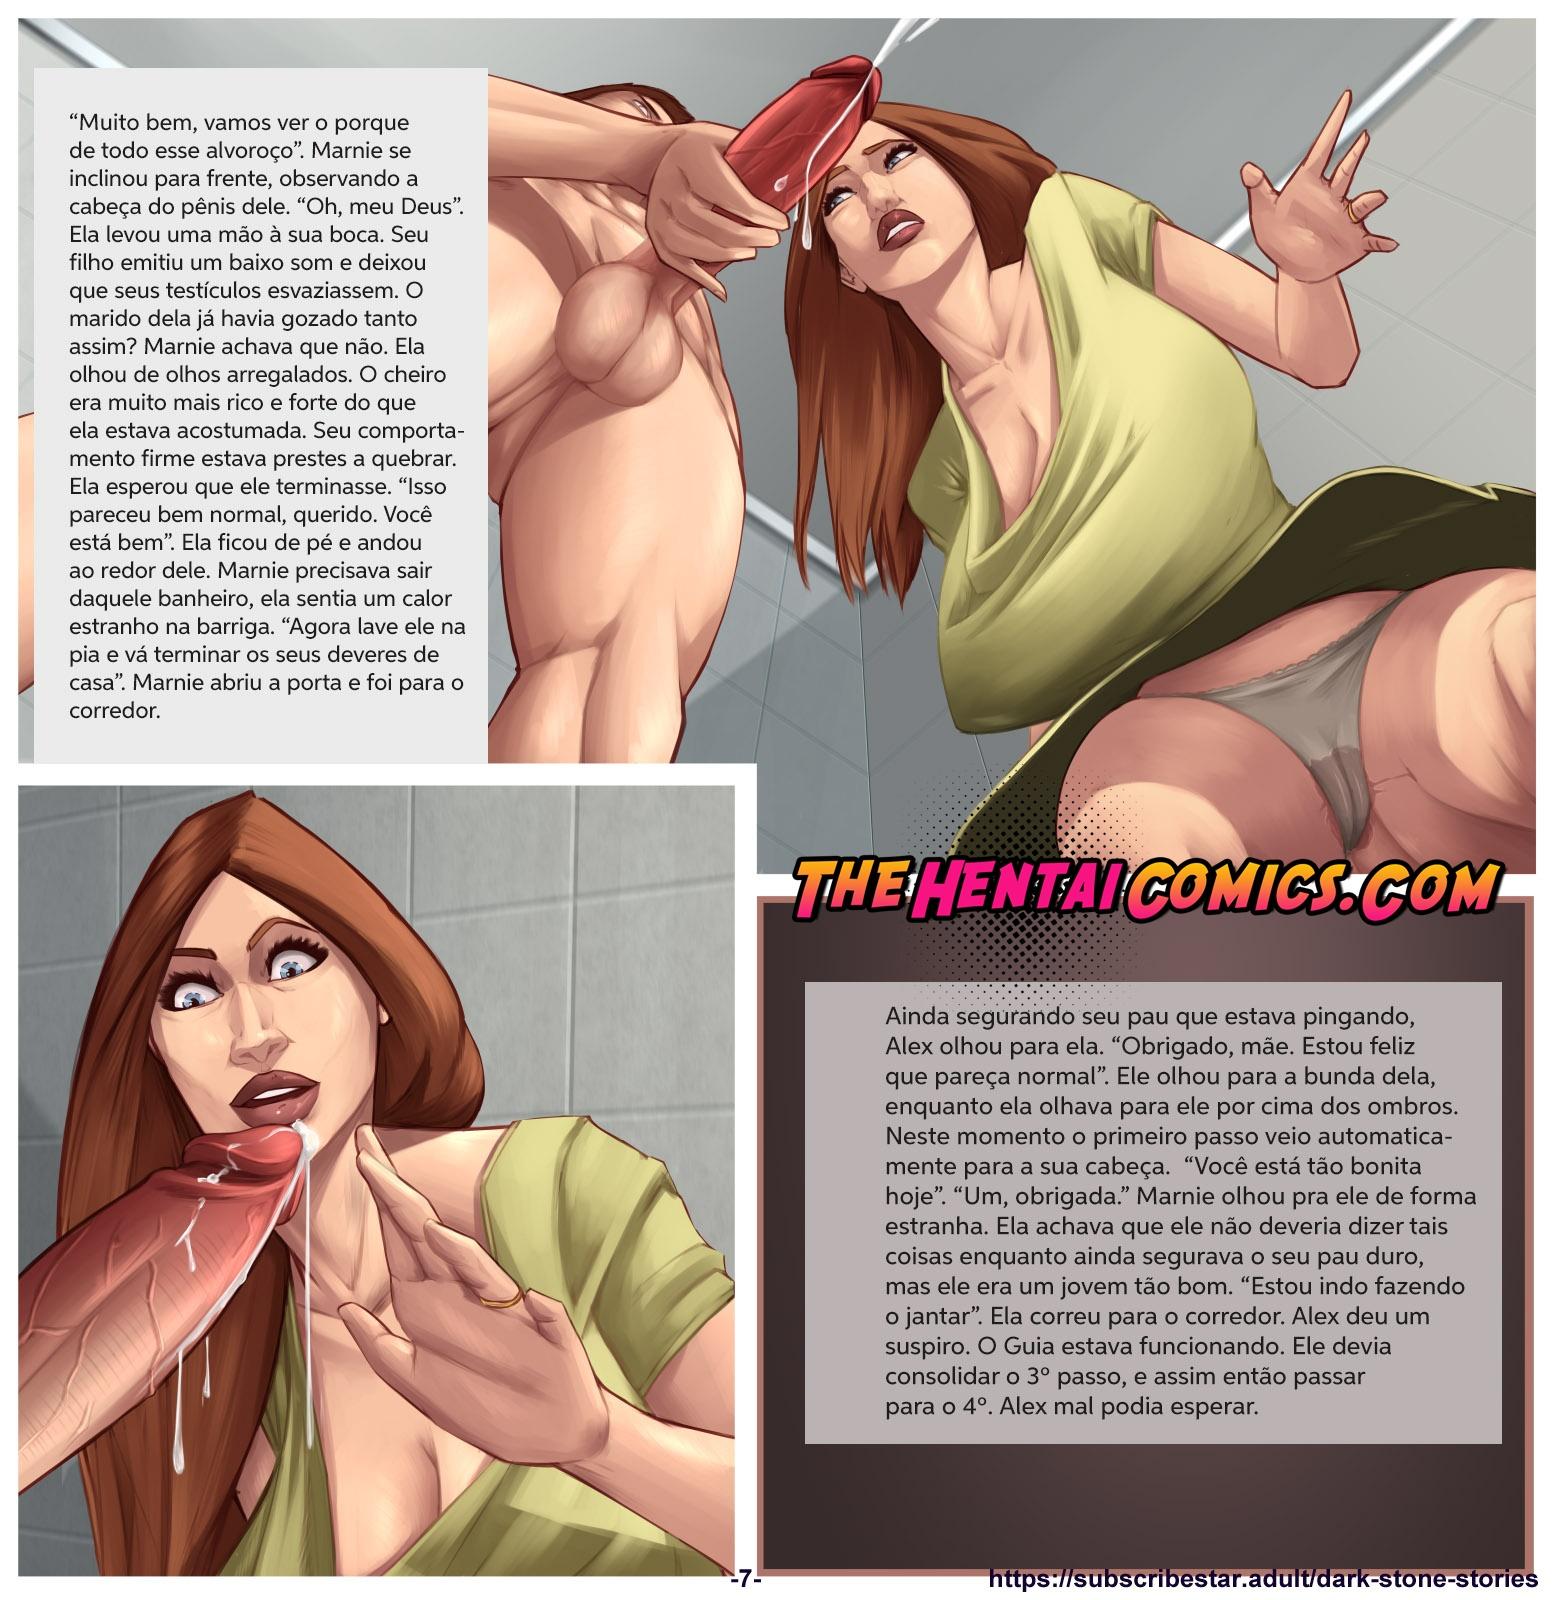 O guia 1: Como seduzir mãe